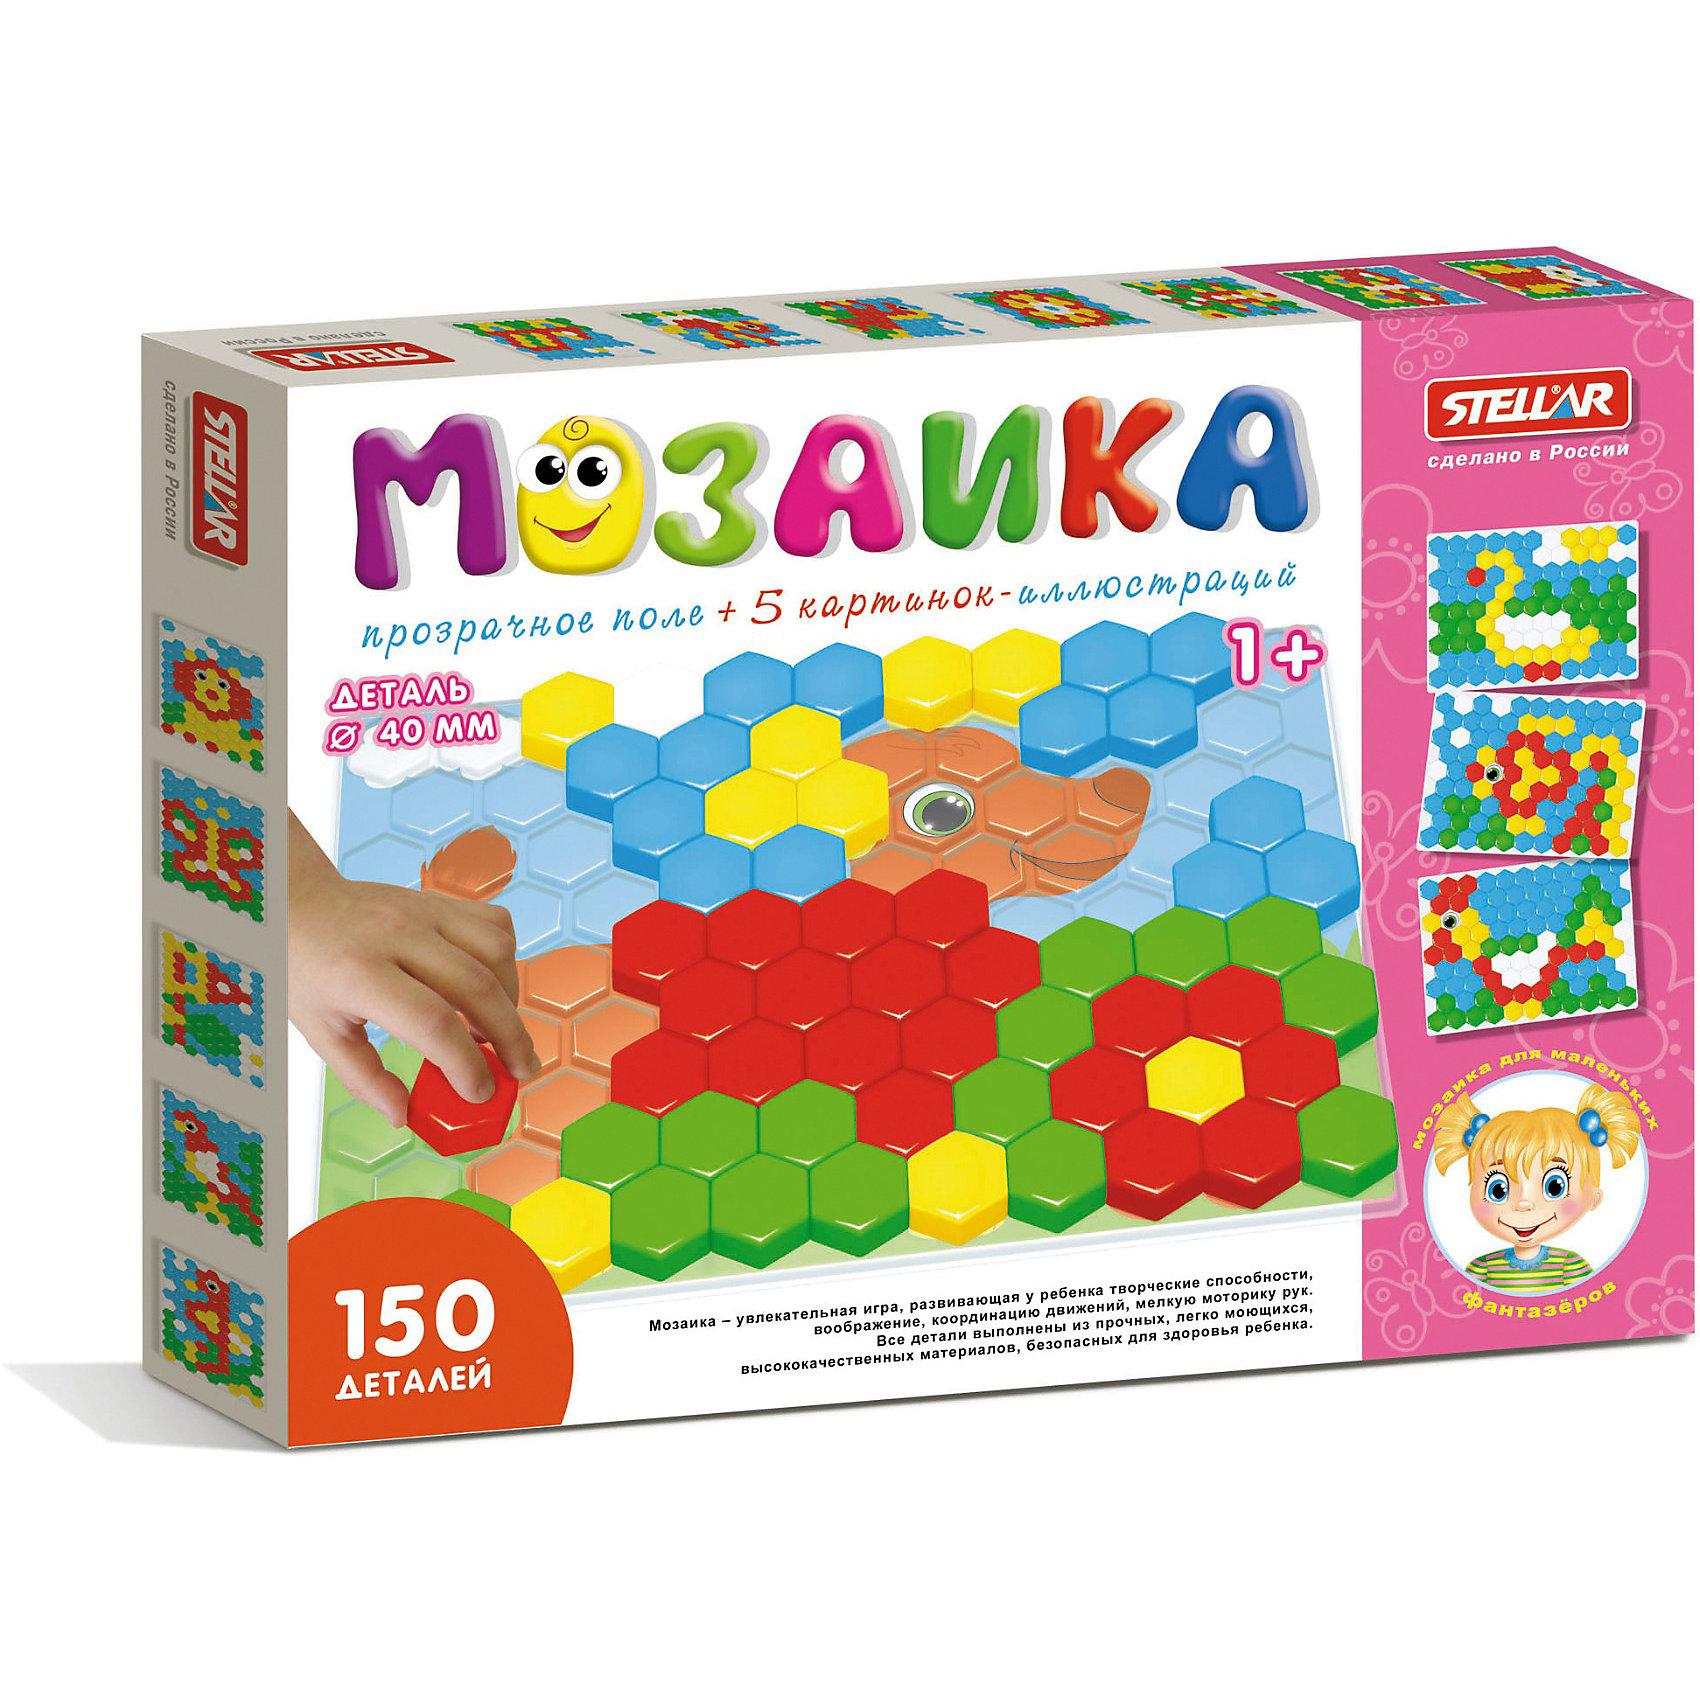 Мозаика с прозрачным полем, 150 деталей, СтелларМозаика с прозрачным полем, 150 деталей, Стеллар (Stellar) - это яркая и увлекательная игра для детей. Ребенок может создавать различные объемные цветные картинки с помощью разноцветных пластиковых фишек. К мозаике прилагается буклет с различными изображениями.<br><br>Игры с мозаикой  способствуют развитию у малышей мелкой моторики рук, координации движений, внимательности, логического и абстрактного мышления, а также знакомят их с понятиями формы, цвета, размера предмета.<br><br>Порадуйте малыша прекрасным подарком!<br><br>Дополнительная информация:<br><br>- В комплекте: 150 деталей<br>- Материал: пластмасса<br>- Размер поля: 490 х 370 мм<br>- Диаметр элементов: 40 мм<br>- Размер упаковки: 495 х 4 х 375 мм<br>- Вес: 980 г.<br><br>Мозаику с прозрачным полем, 150 деталей, Стеллар (Stellar) можно купить в нашем интернет-магазине.<br><br>Ширина мм: 495<br>Глубина мм: 4<br>Высота мм: 375<br>Вес г: 980<br>Возраст от месяцев: 12<br>Возраст до месяцев: 60<br>Пол: Унисекс<br>Возраст: Детский<br>SKU: 3350209